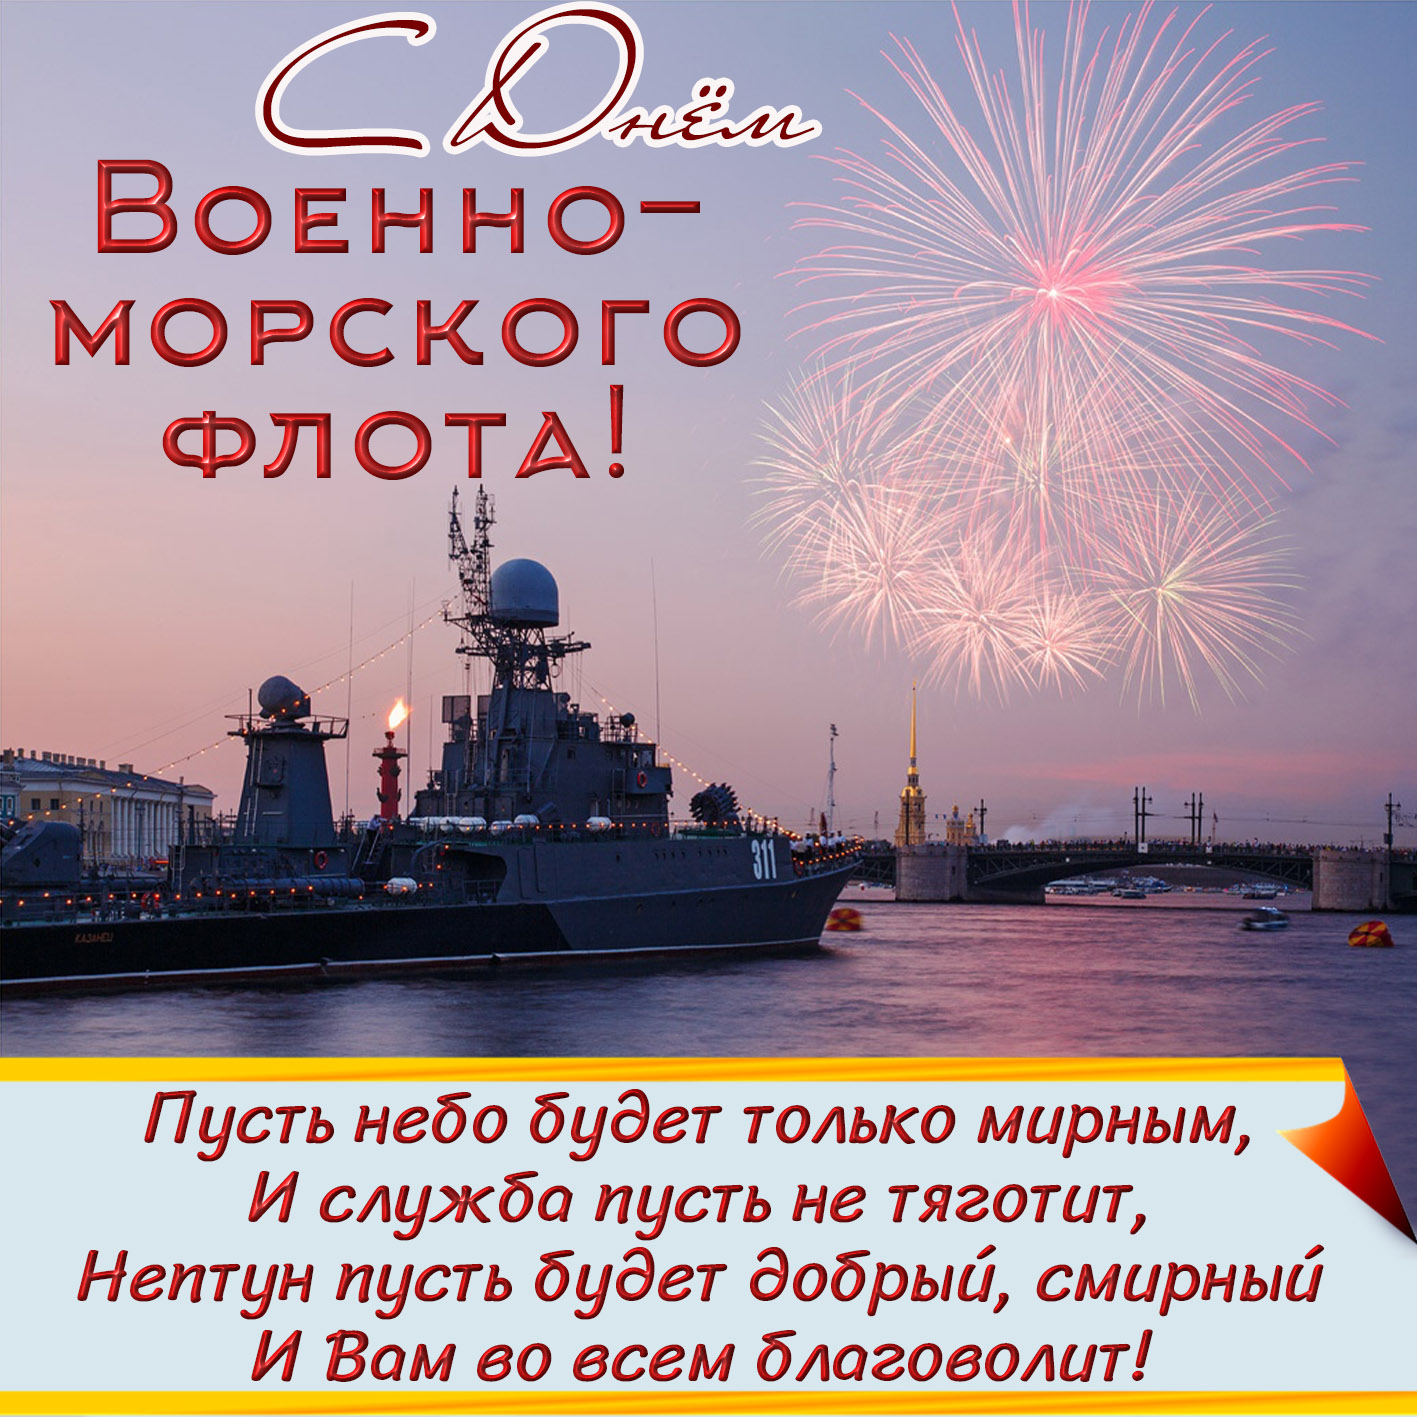 Картинки с днем военно морского флота россии